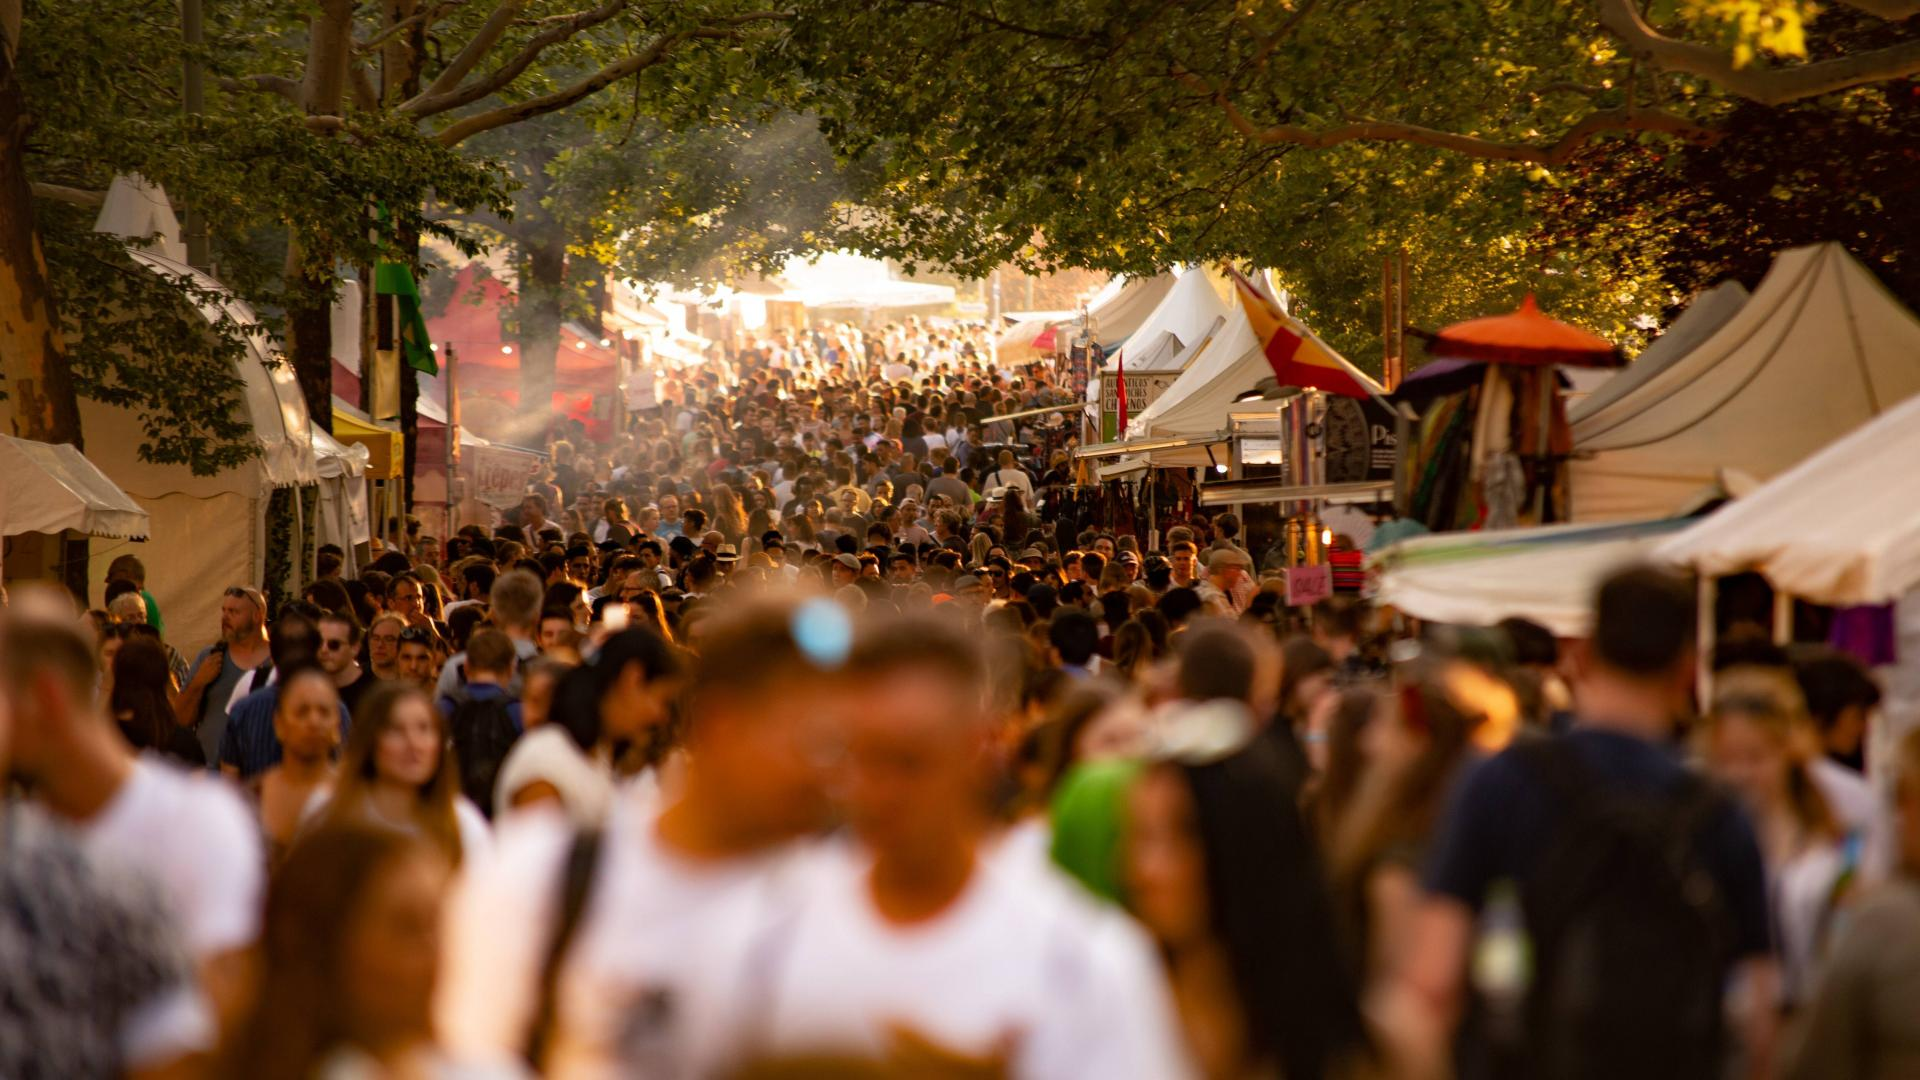 Biermeile Berlin Festival Karneval der Kulturen,